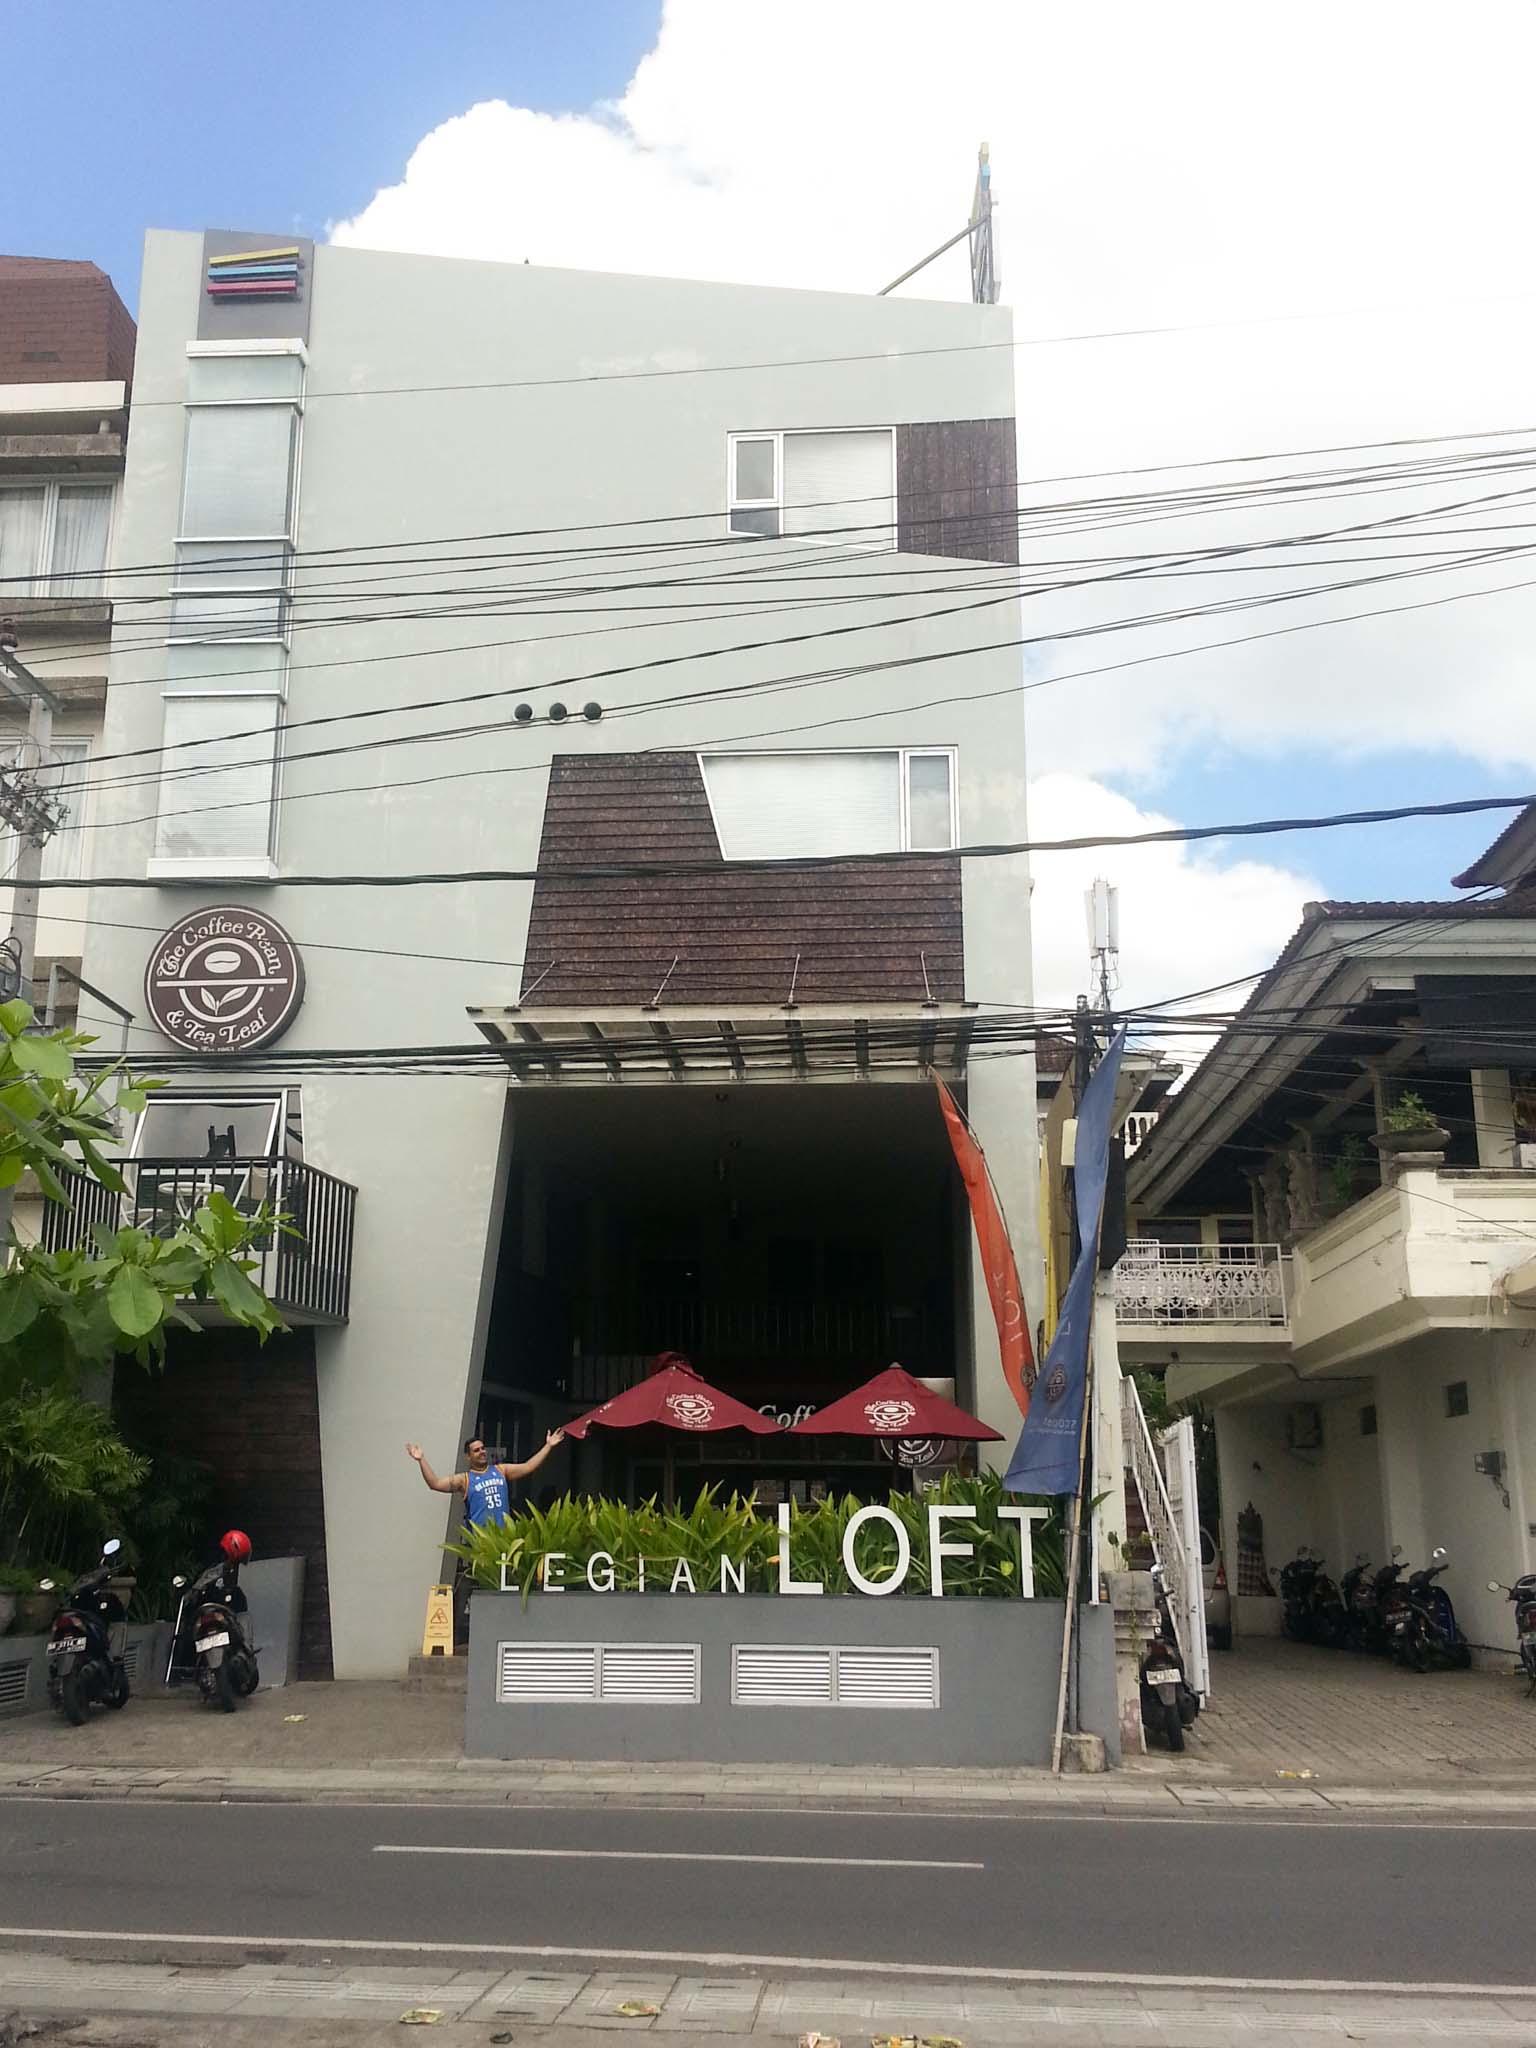 Loft Legian Hotel, Bali from the outside